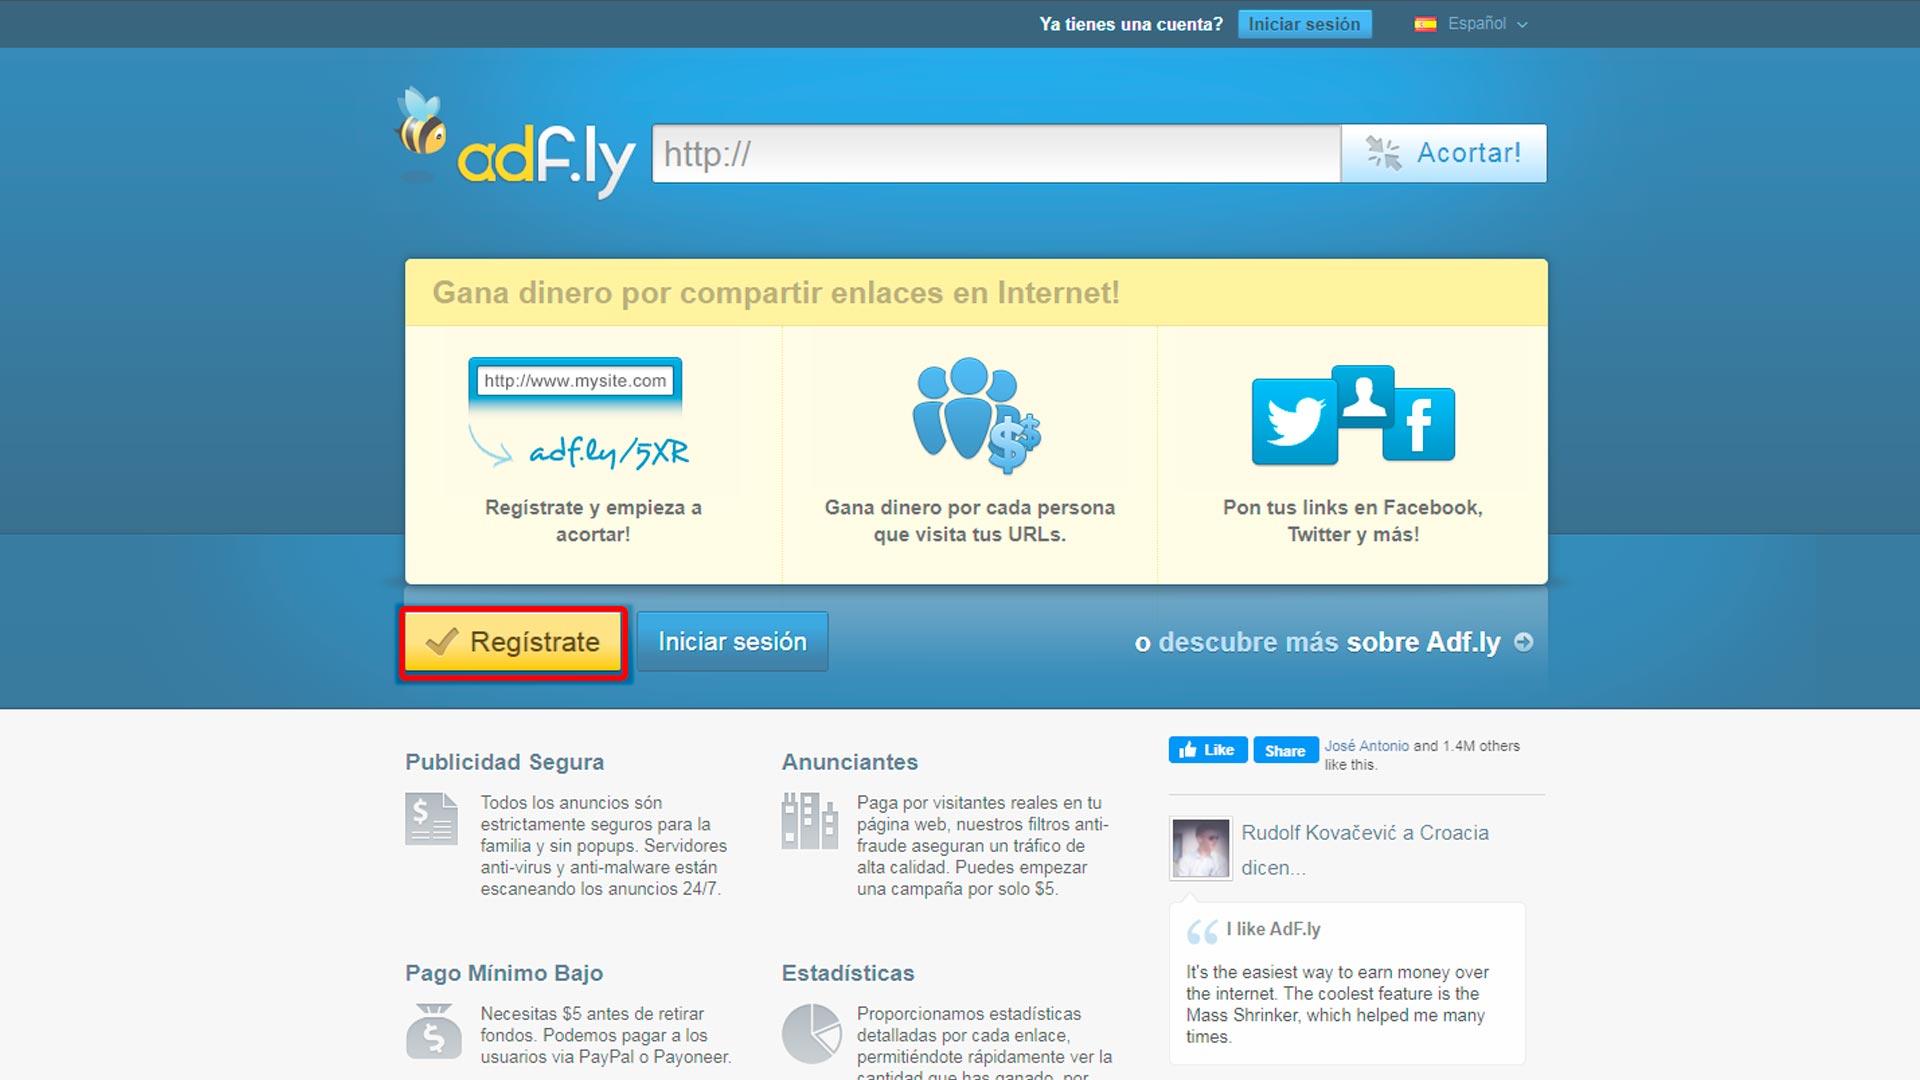 Como funciona adfly y como registrarme